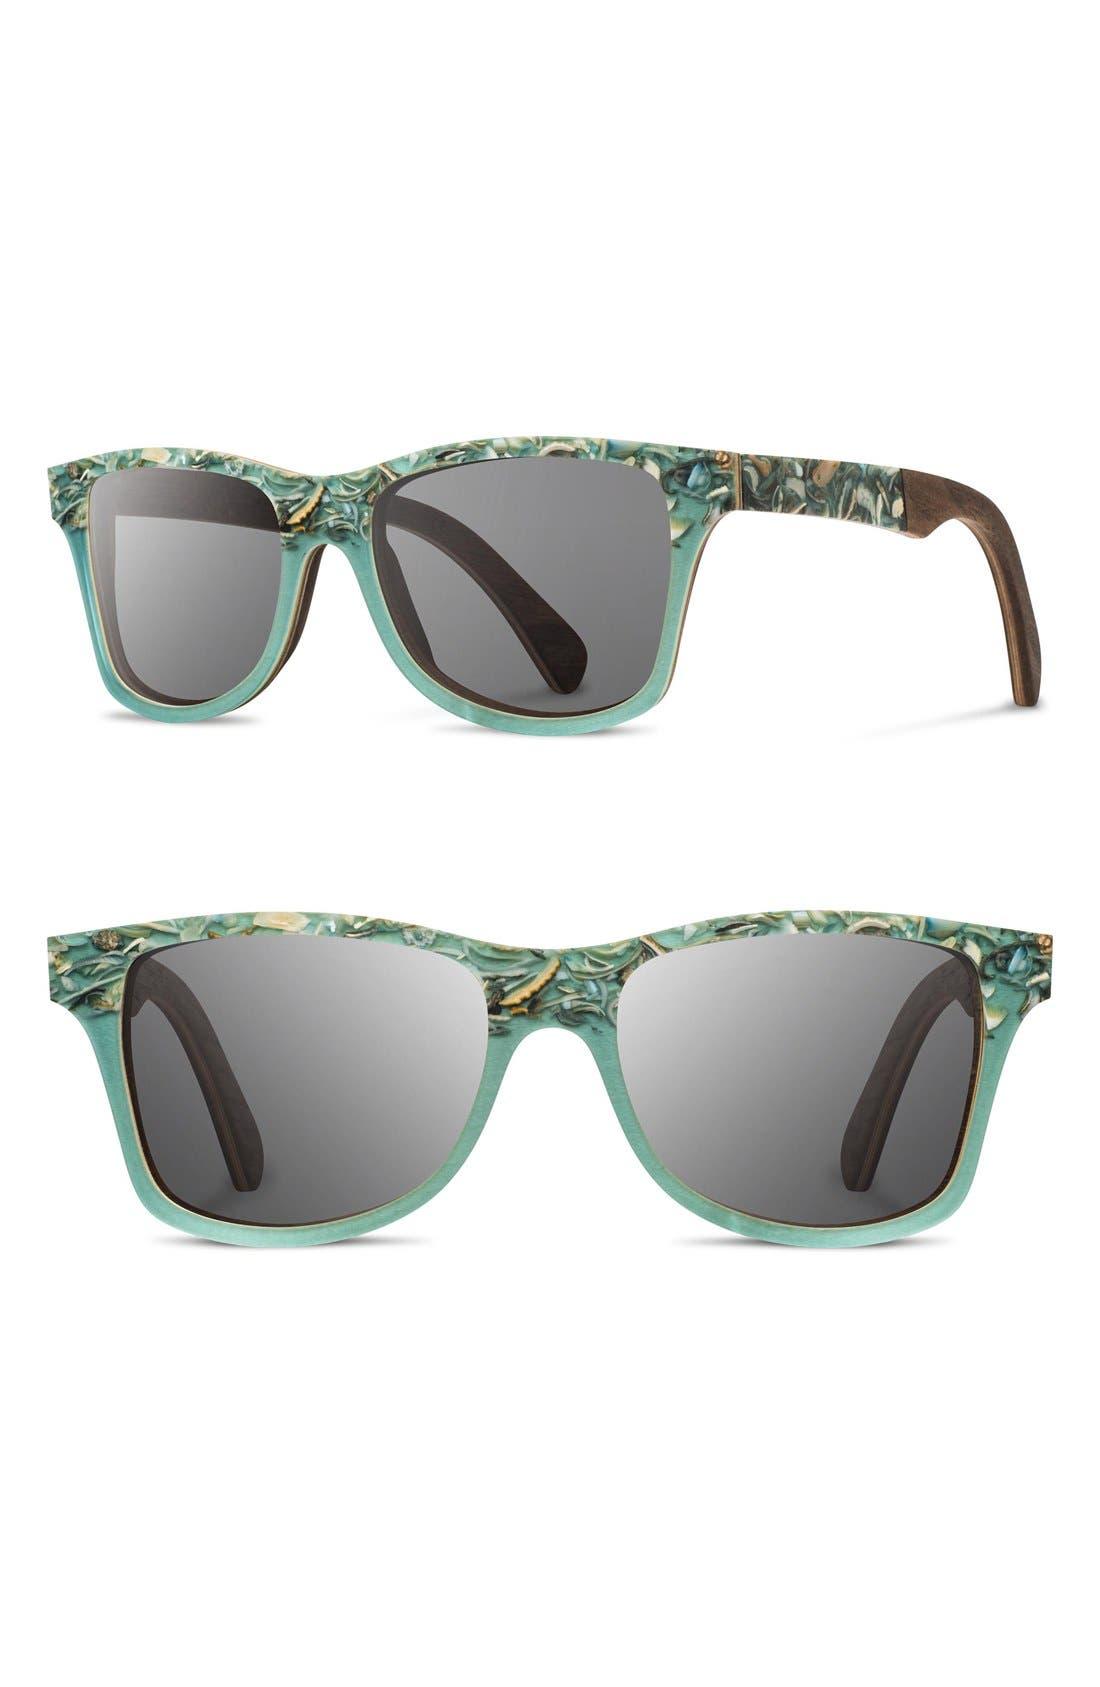 SHWOOD Canby 55mm Polarized Seashell & Wood Sunglasses